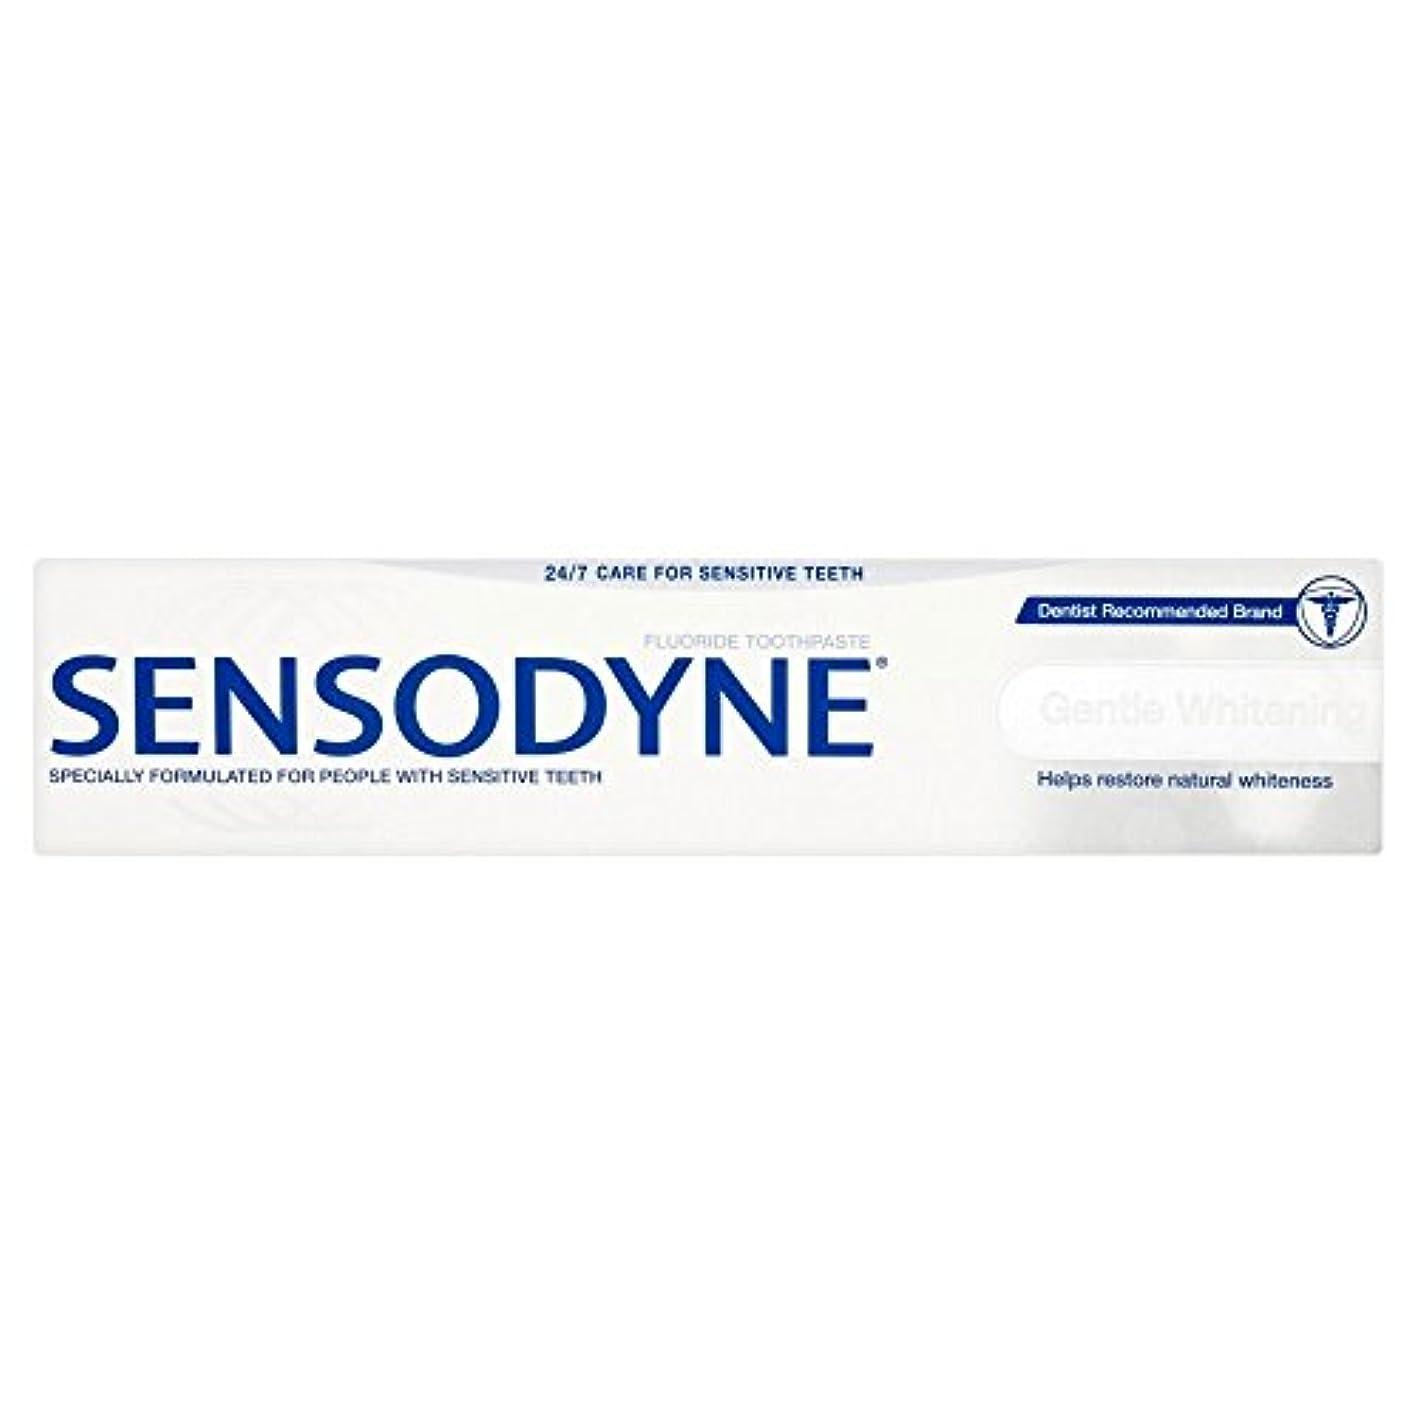 矢じり土砂降りパキスタンSensodyne Total Care Gentle Whitening Toothpaste Tube (100ml) Sensodyneトータルケア優しいホワイトニング歯磨き粉のチューブ( 100ミリリットル) [...